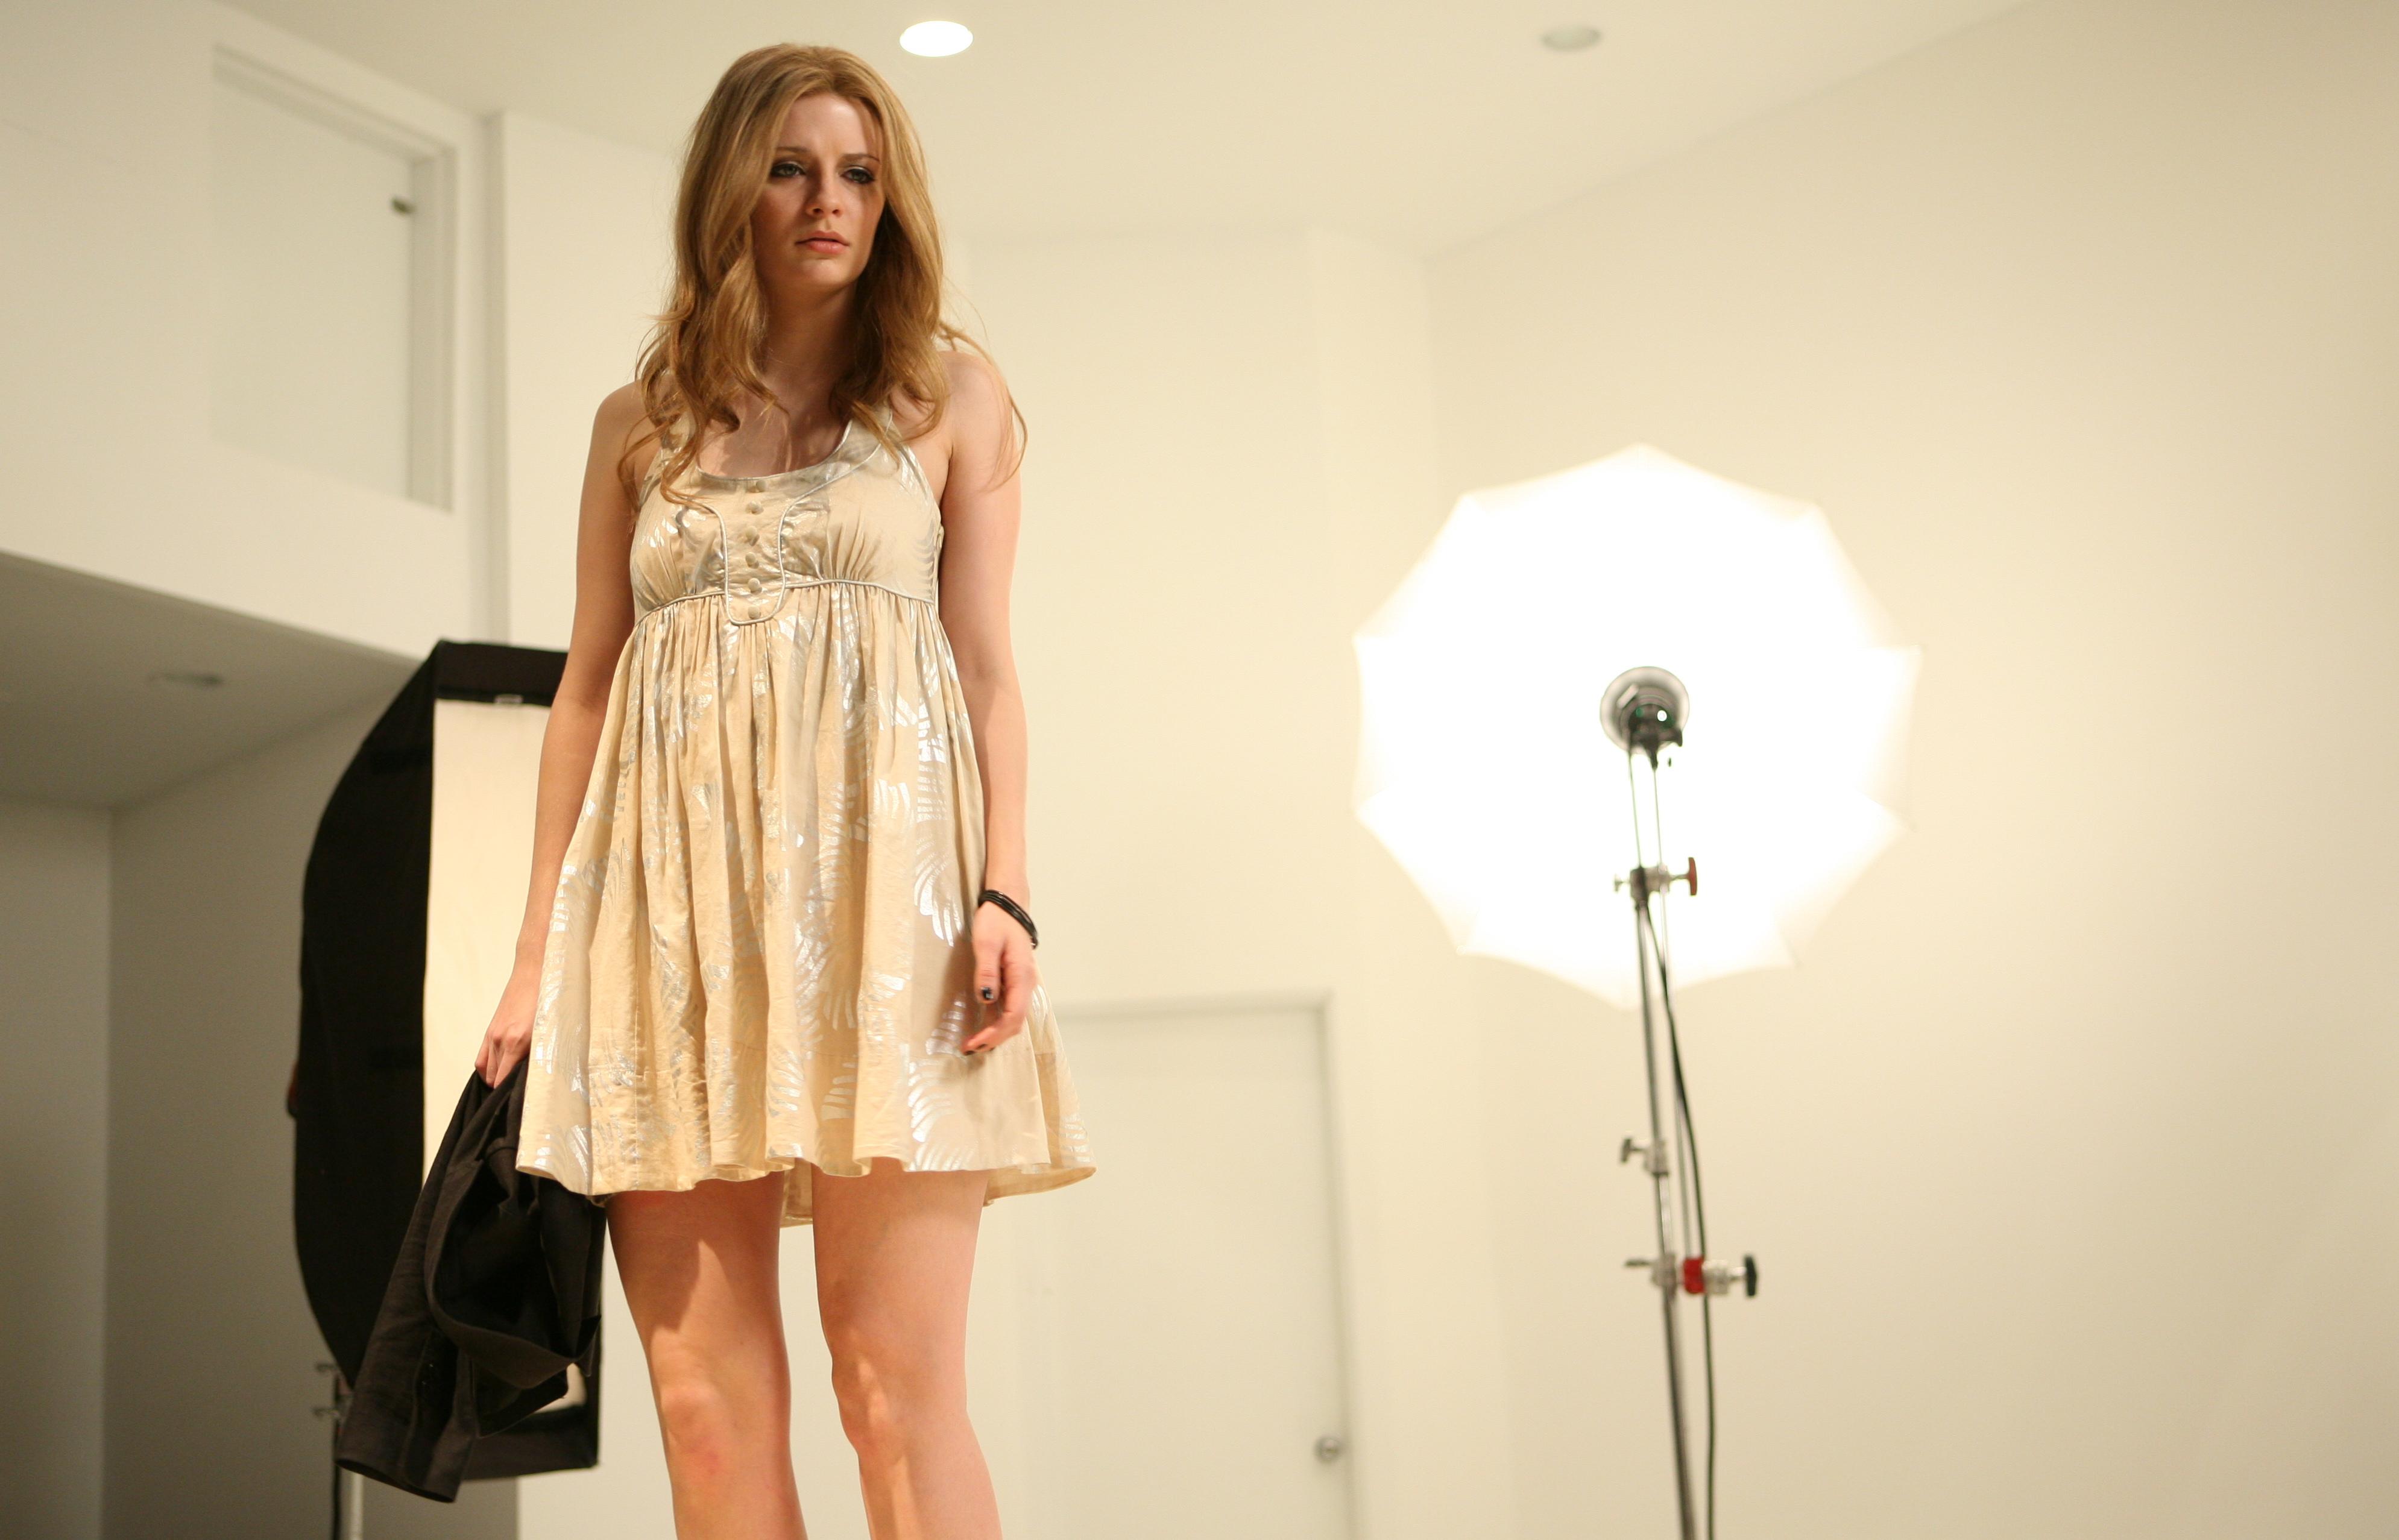 Life4news - модный женский сайт, модные советы стиля, женские статьи, советы для женщин, новости